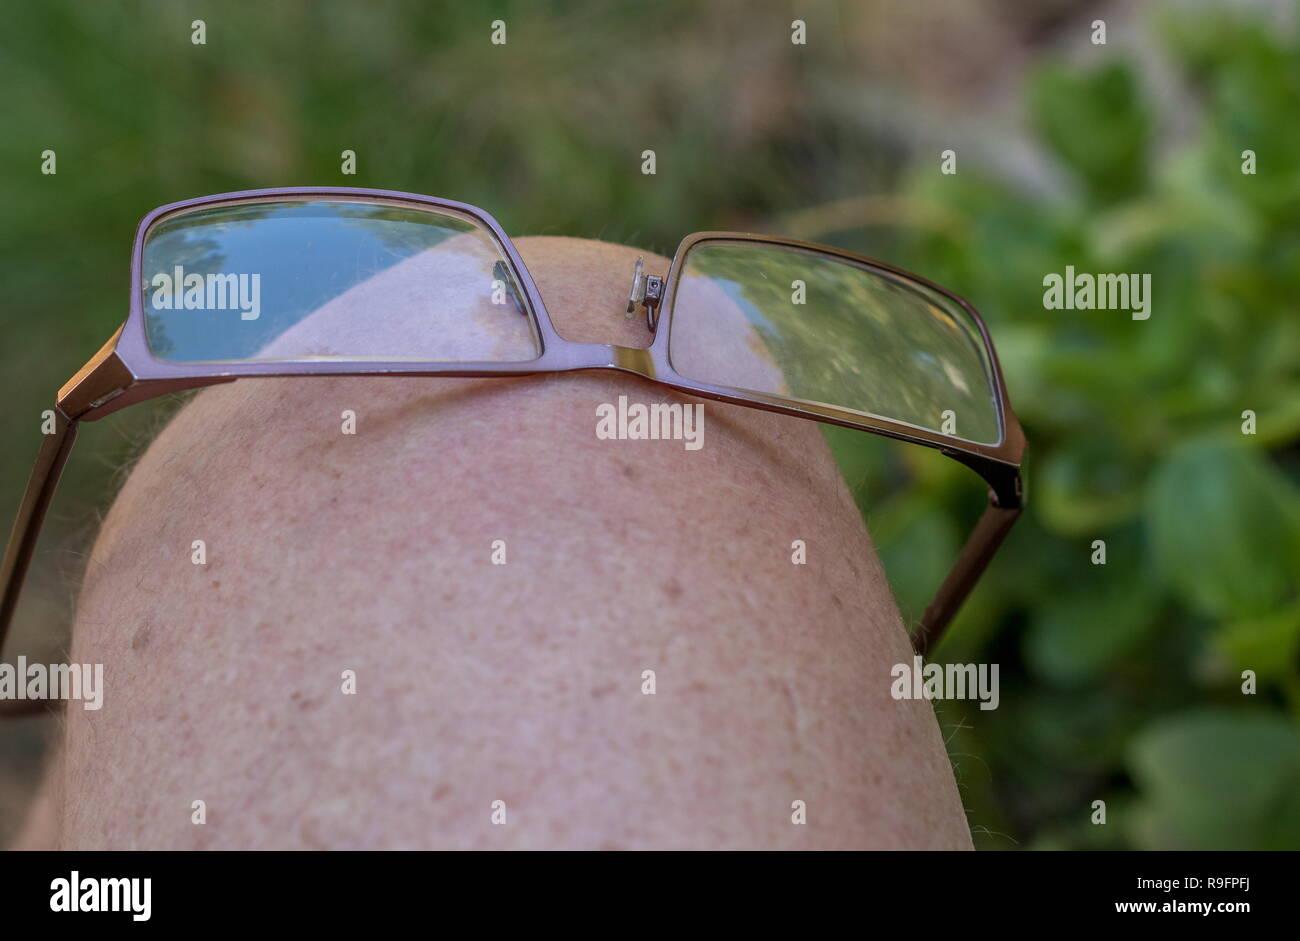 Gafas de lectura equilibrada en una rodilla caucásica,imagen con copia espacio en formato horizontal Imagen De Stock